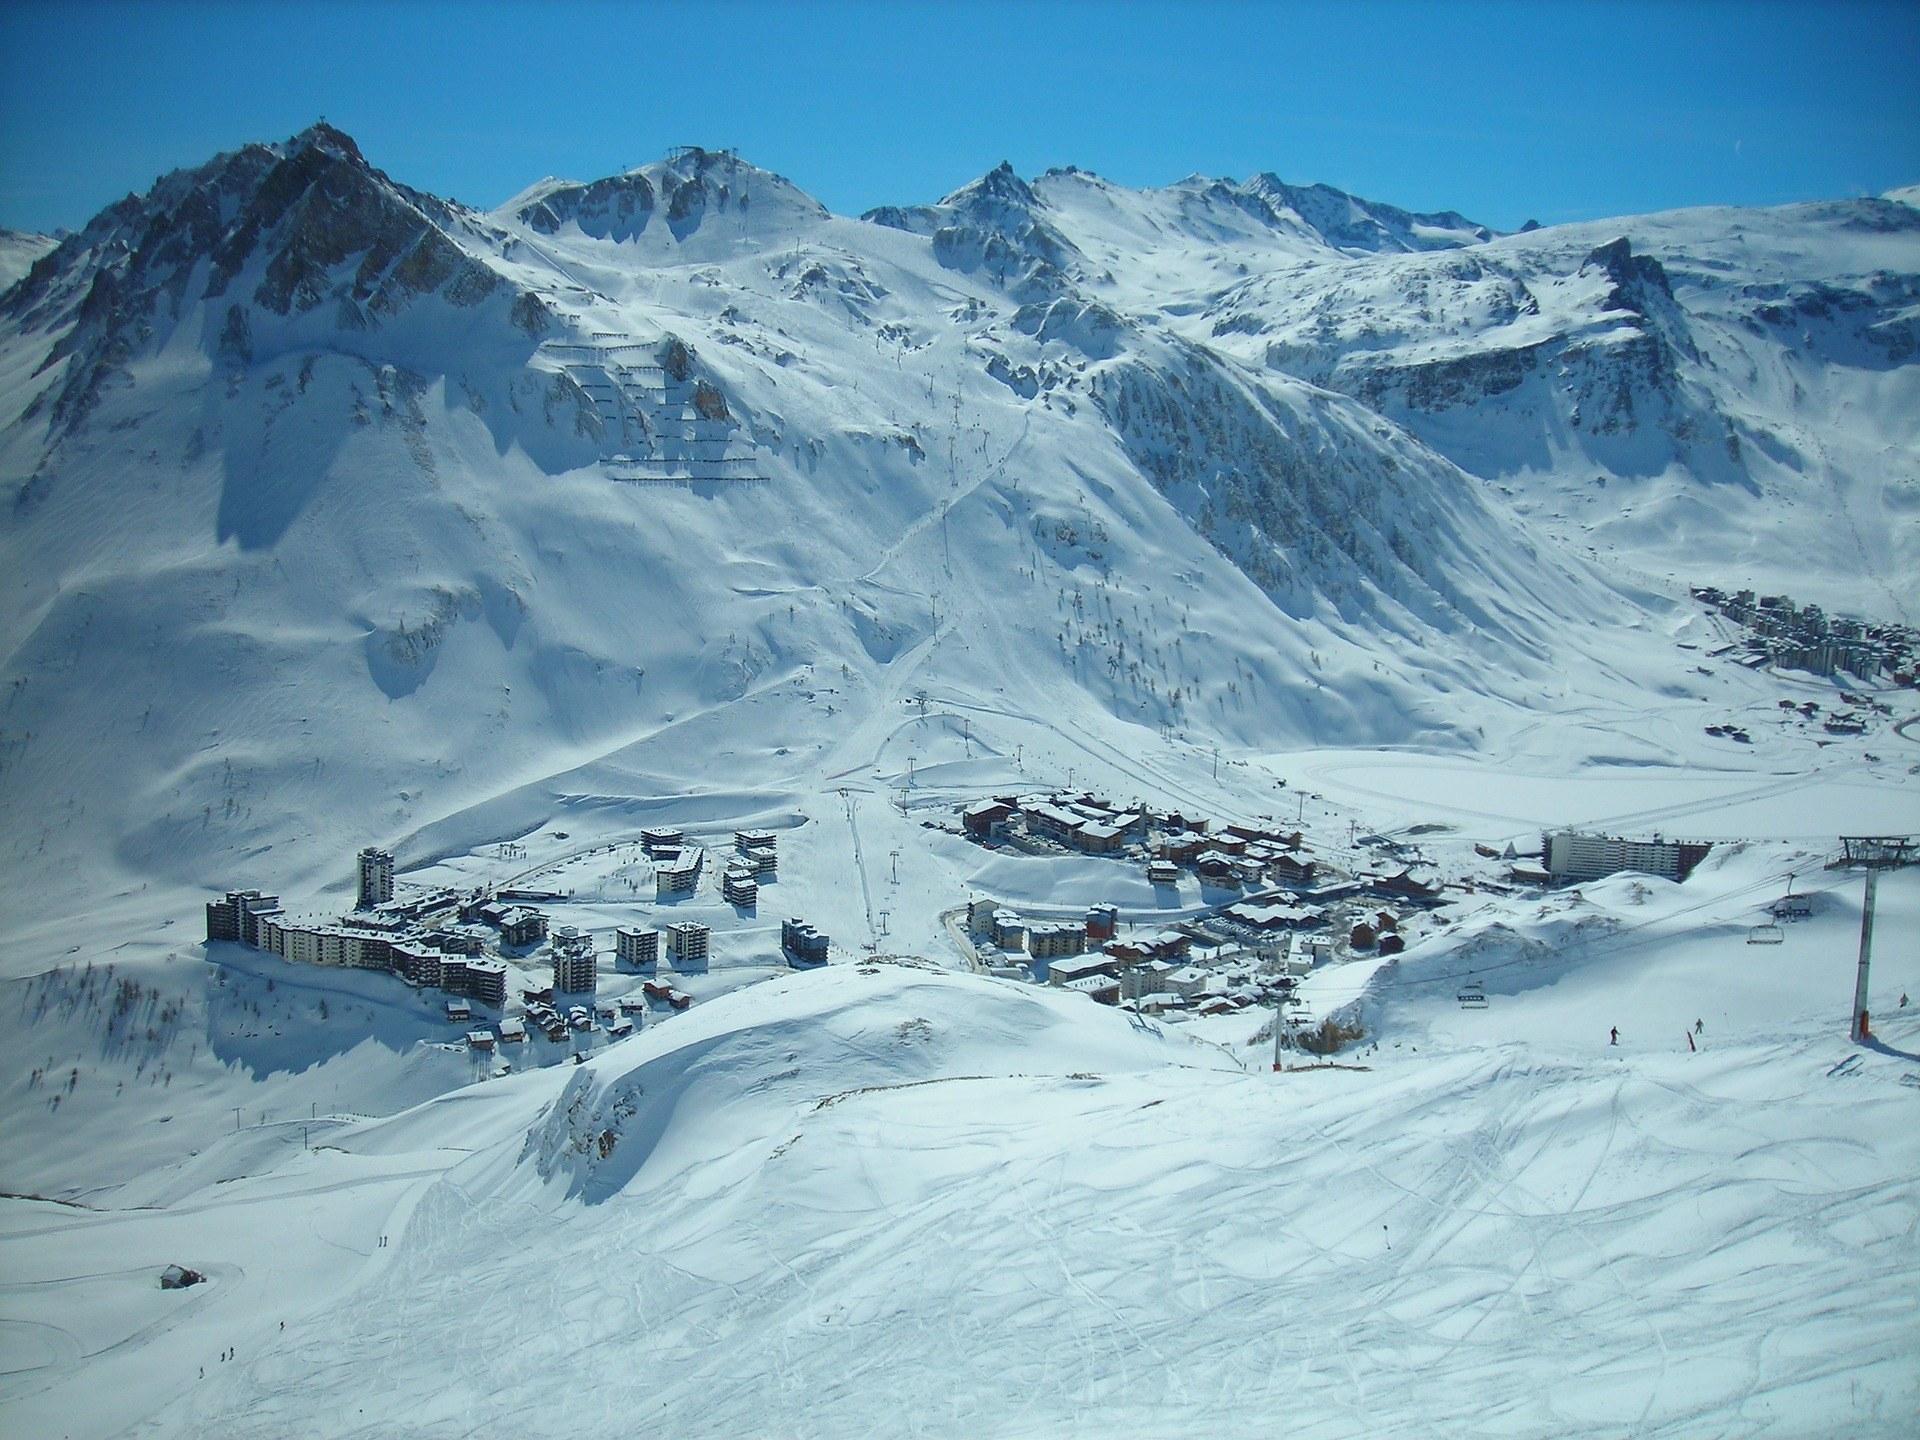 Uitzicht Avoriaz Frankrijk pistes in de sneeuw